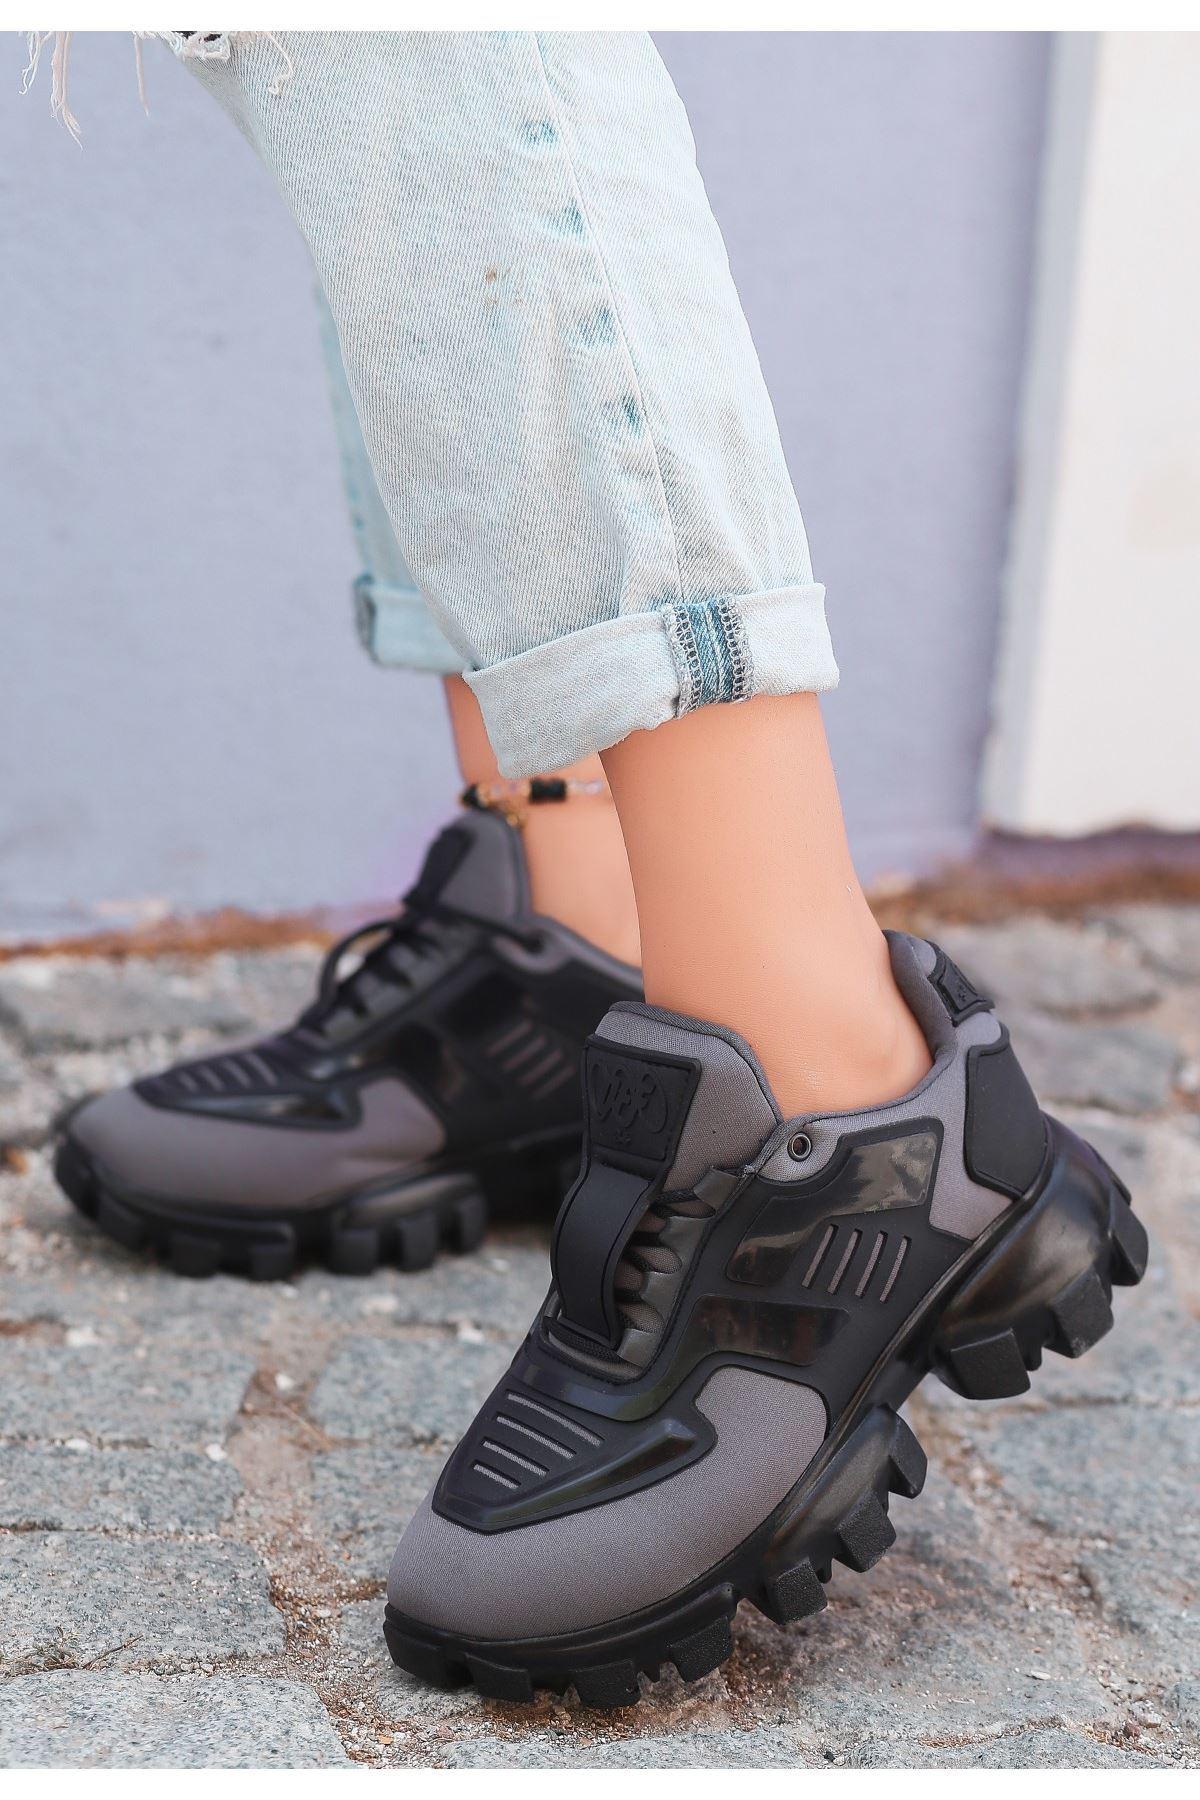 Moris Gri Bağcıklı Spor Ayakkabı